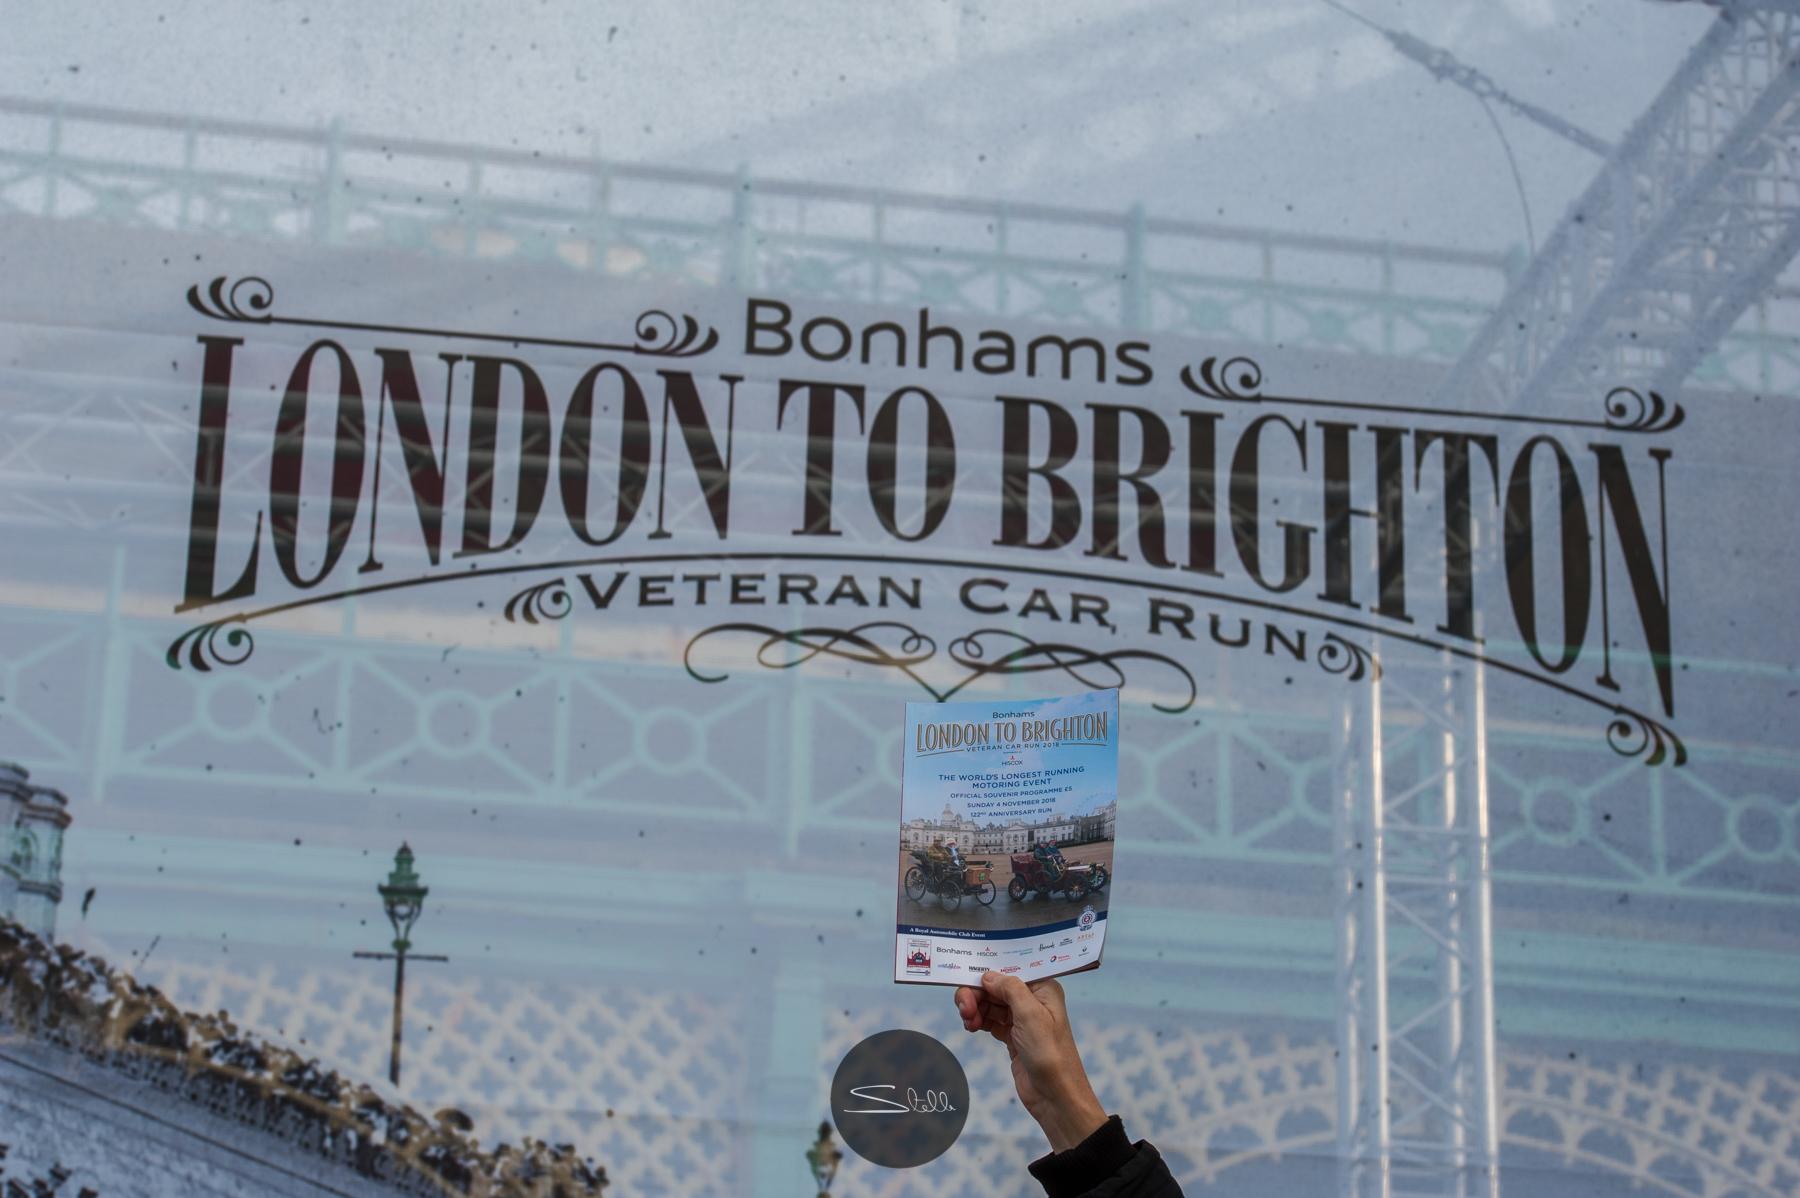 Bonhams London to Brighton 2018